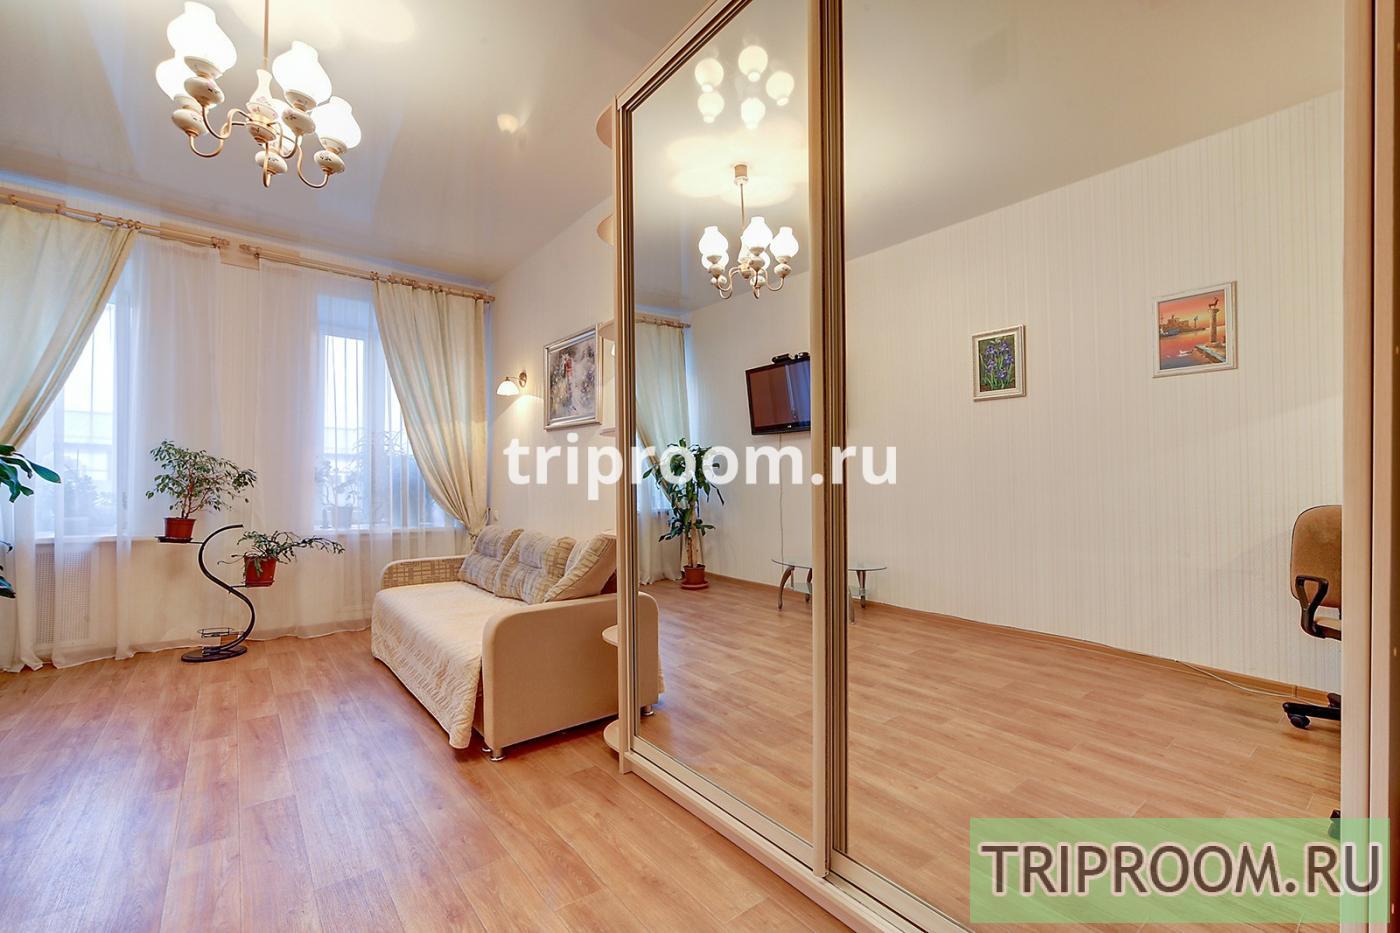 2-комнатная квартира посуточно (вариант № 15459), ул. Адмиралтейская набережная, фото № 3